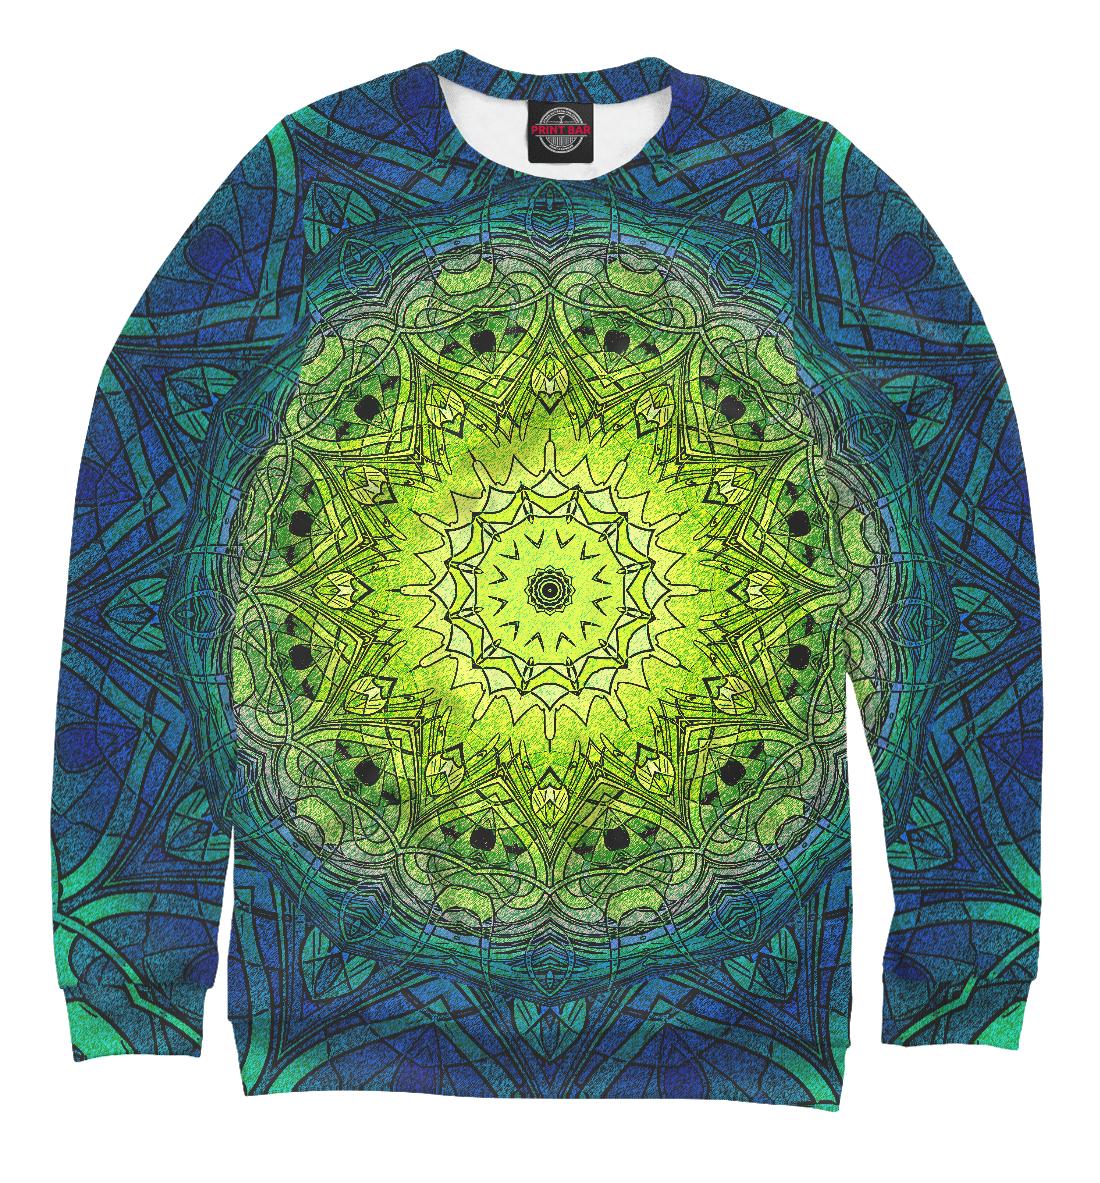 Купить Mandala, Printbar, Свитшоты, PSY-628941-swi-1